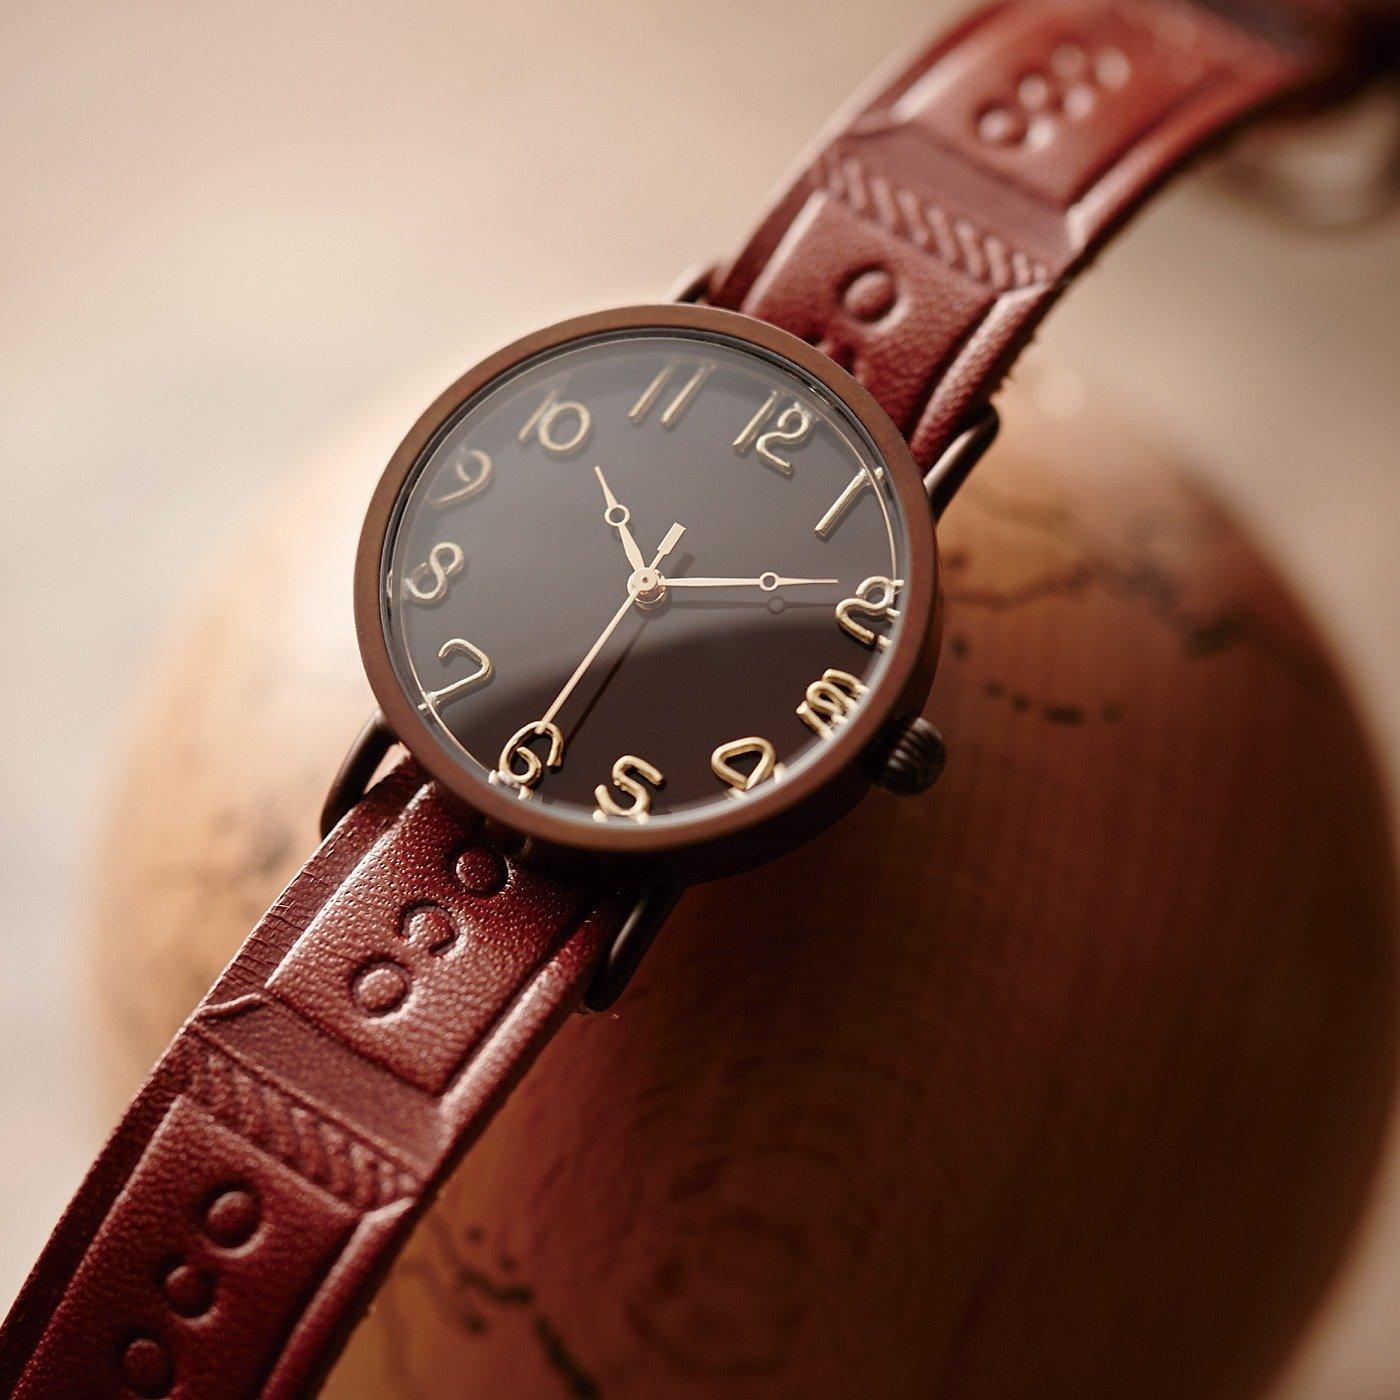 【3月お届け・雑貨便】職人本革のチョコバイヤーの腕時計〈栃木レザー製板チョコベルト〉